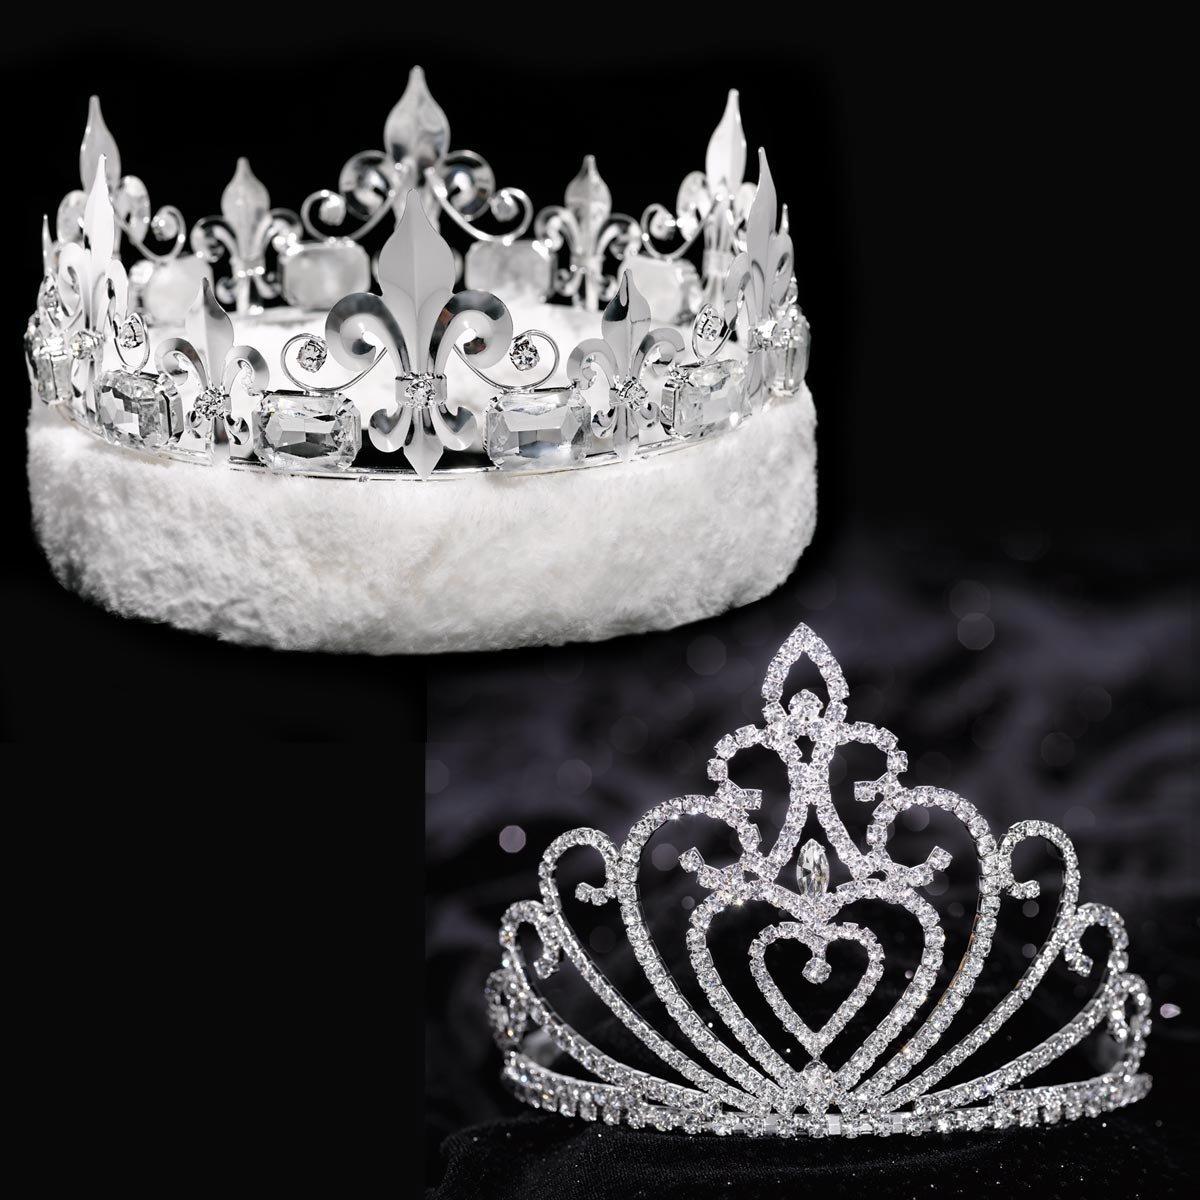 Fleur-de-Lis Crown with White Faux Fur and Celia Queen Tiara Royalty Set